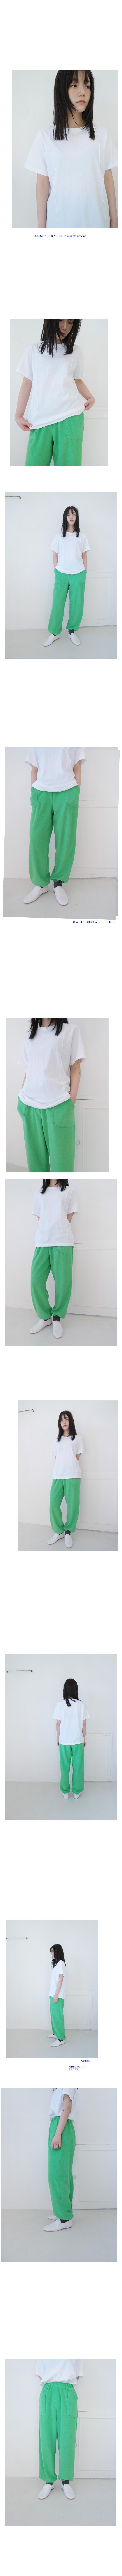 season towel jogger pants